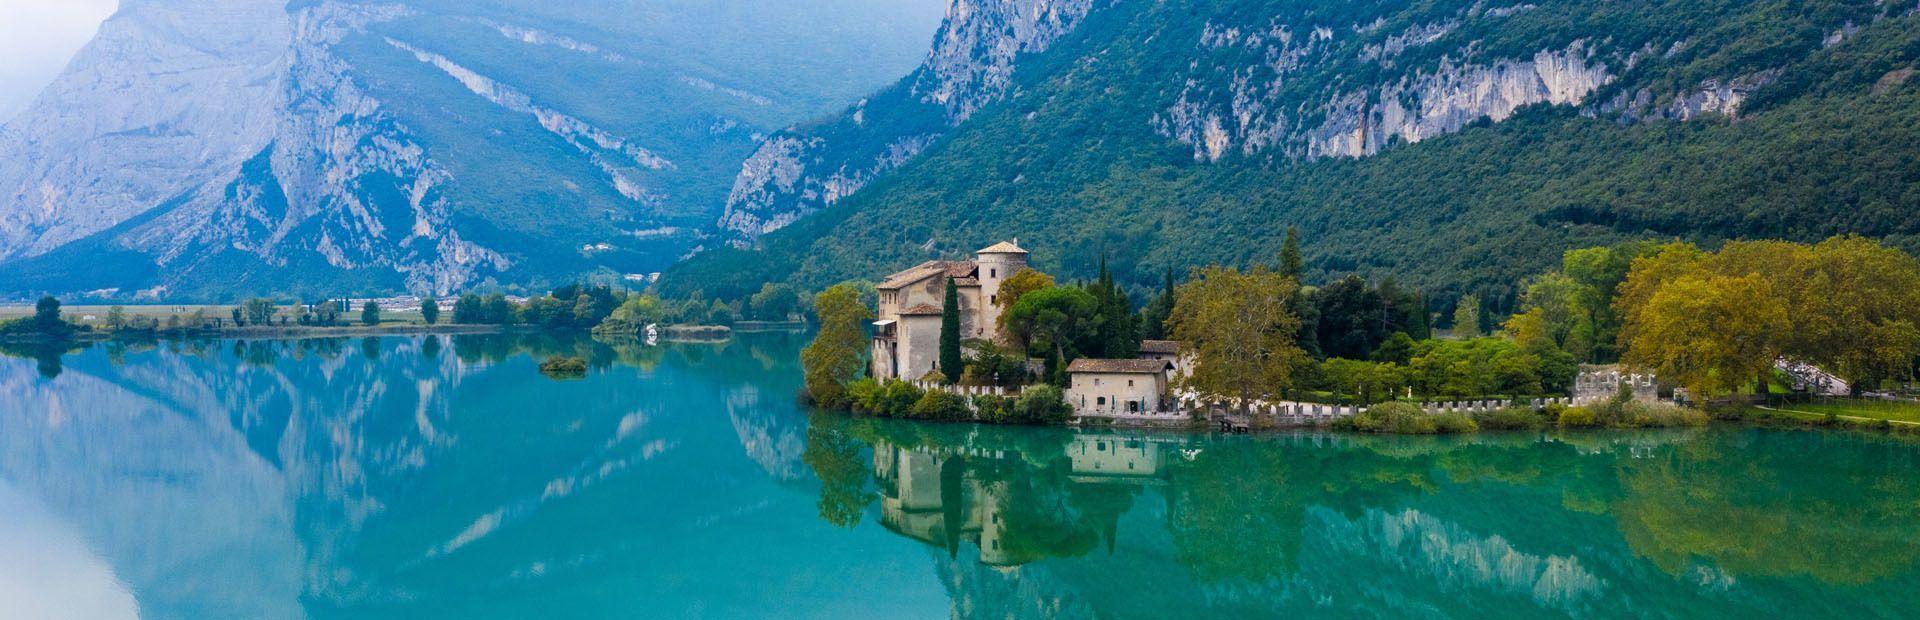 Sentieri tra i laghi: dal Garda ai laghi del Trentino